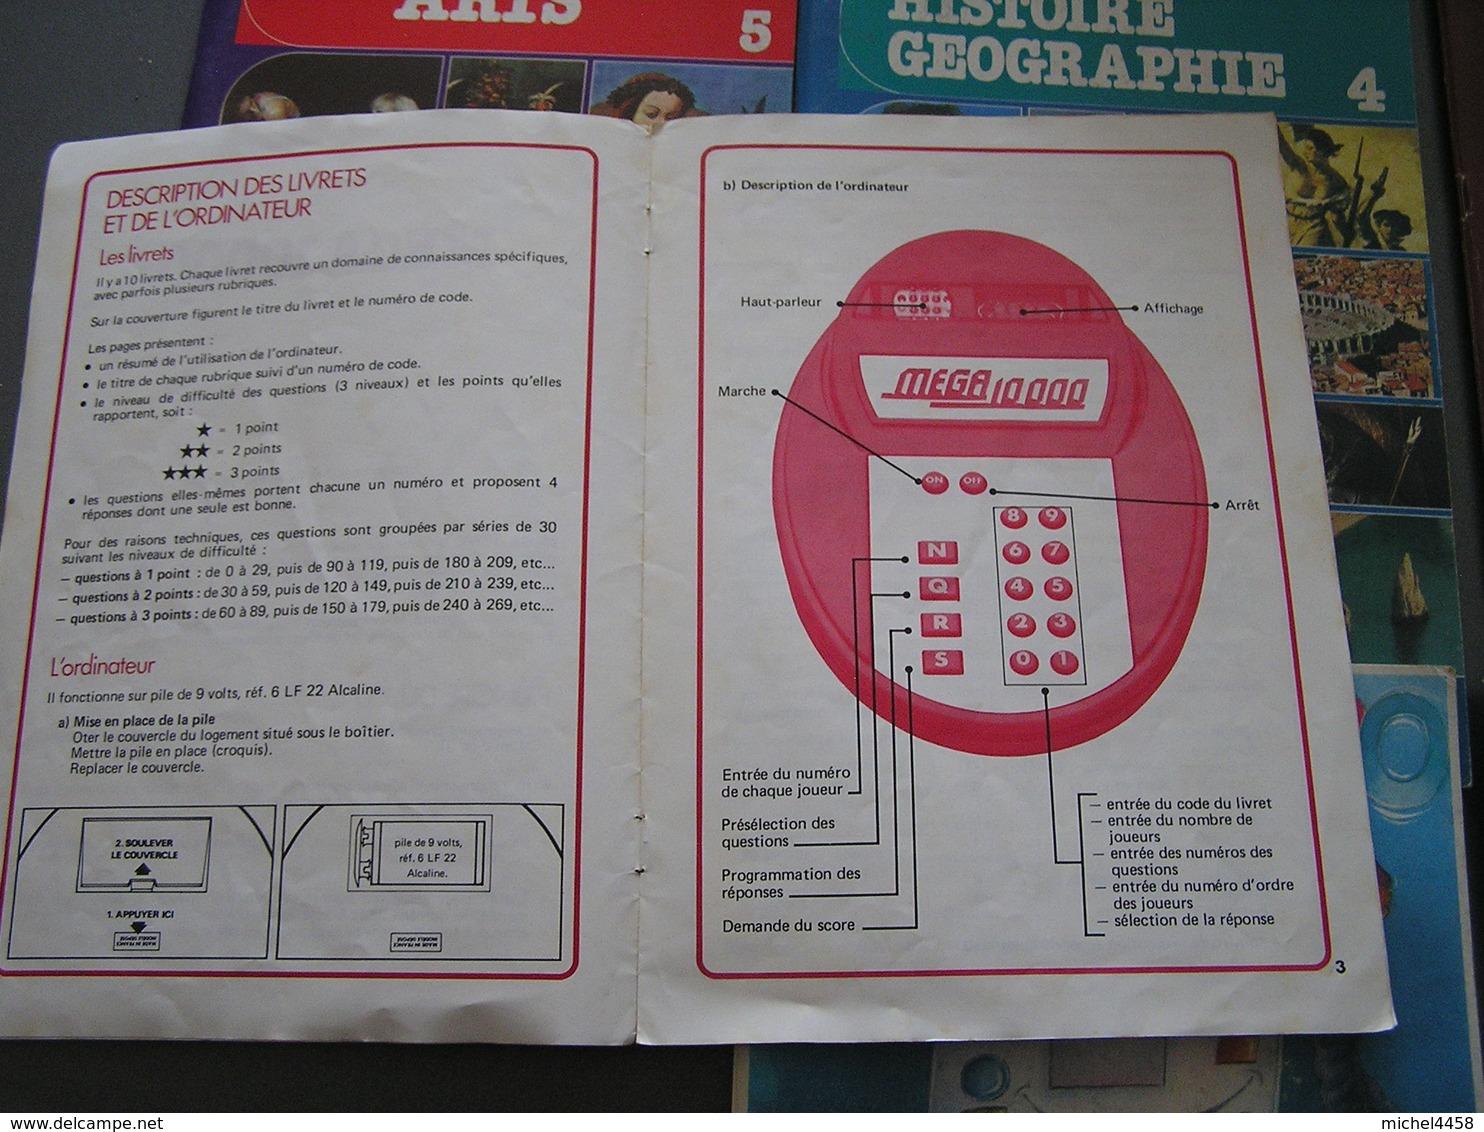 Encyclopédie Electronique Vintage 1981  11600 Questions NATHAN - Autres